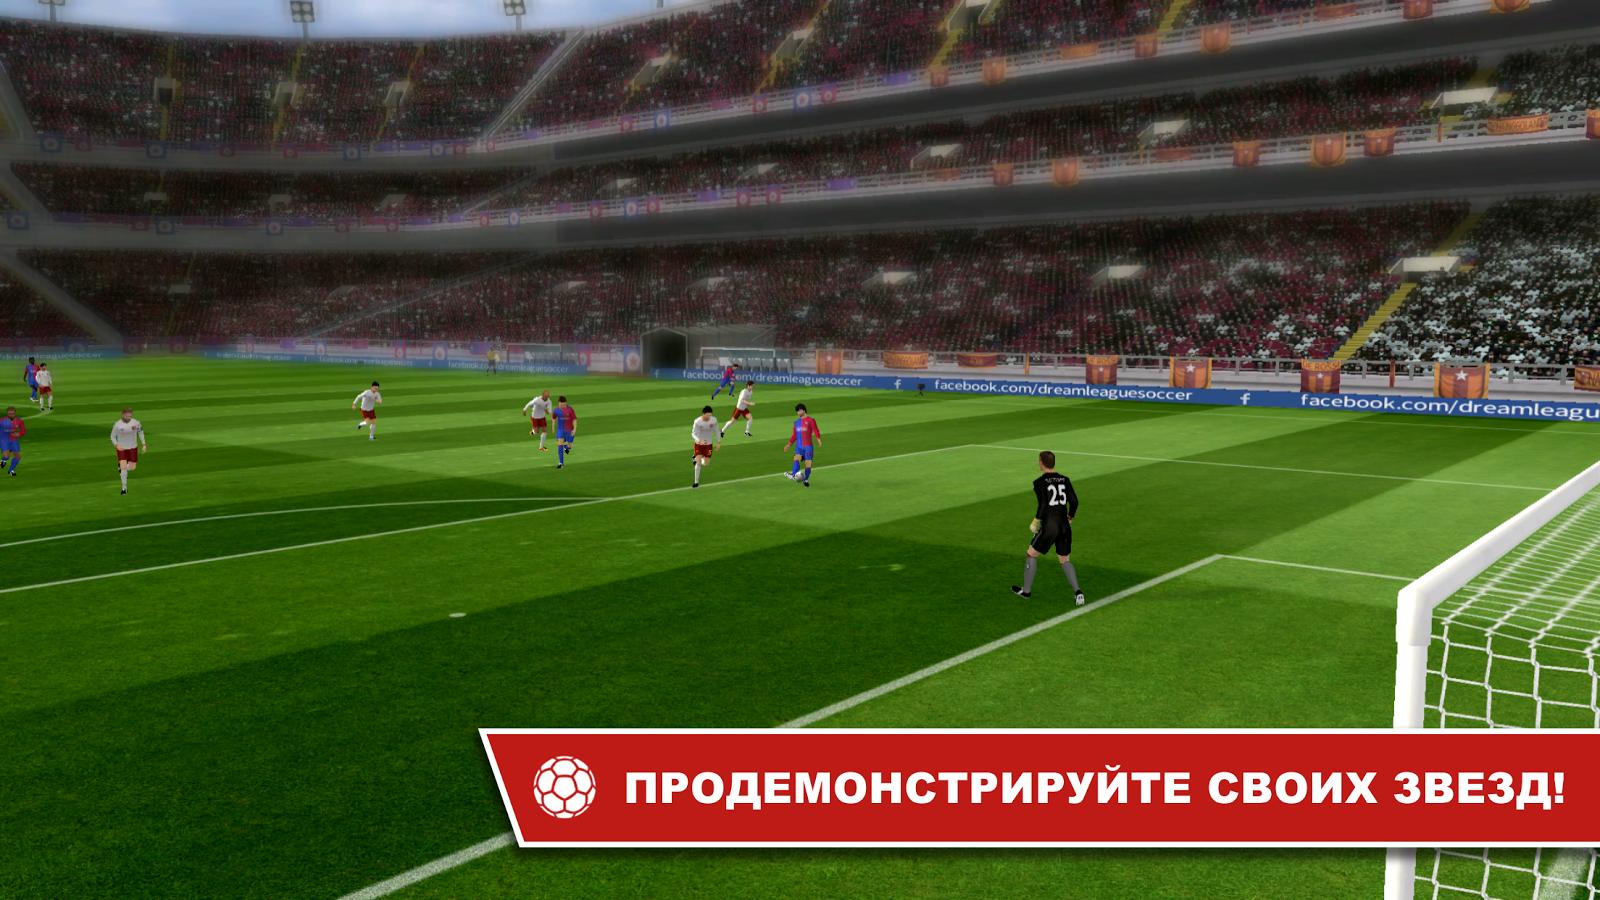 скачать взломанный дрим лига соккер 2019 ленов.ру